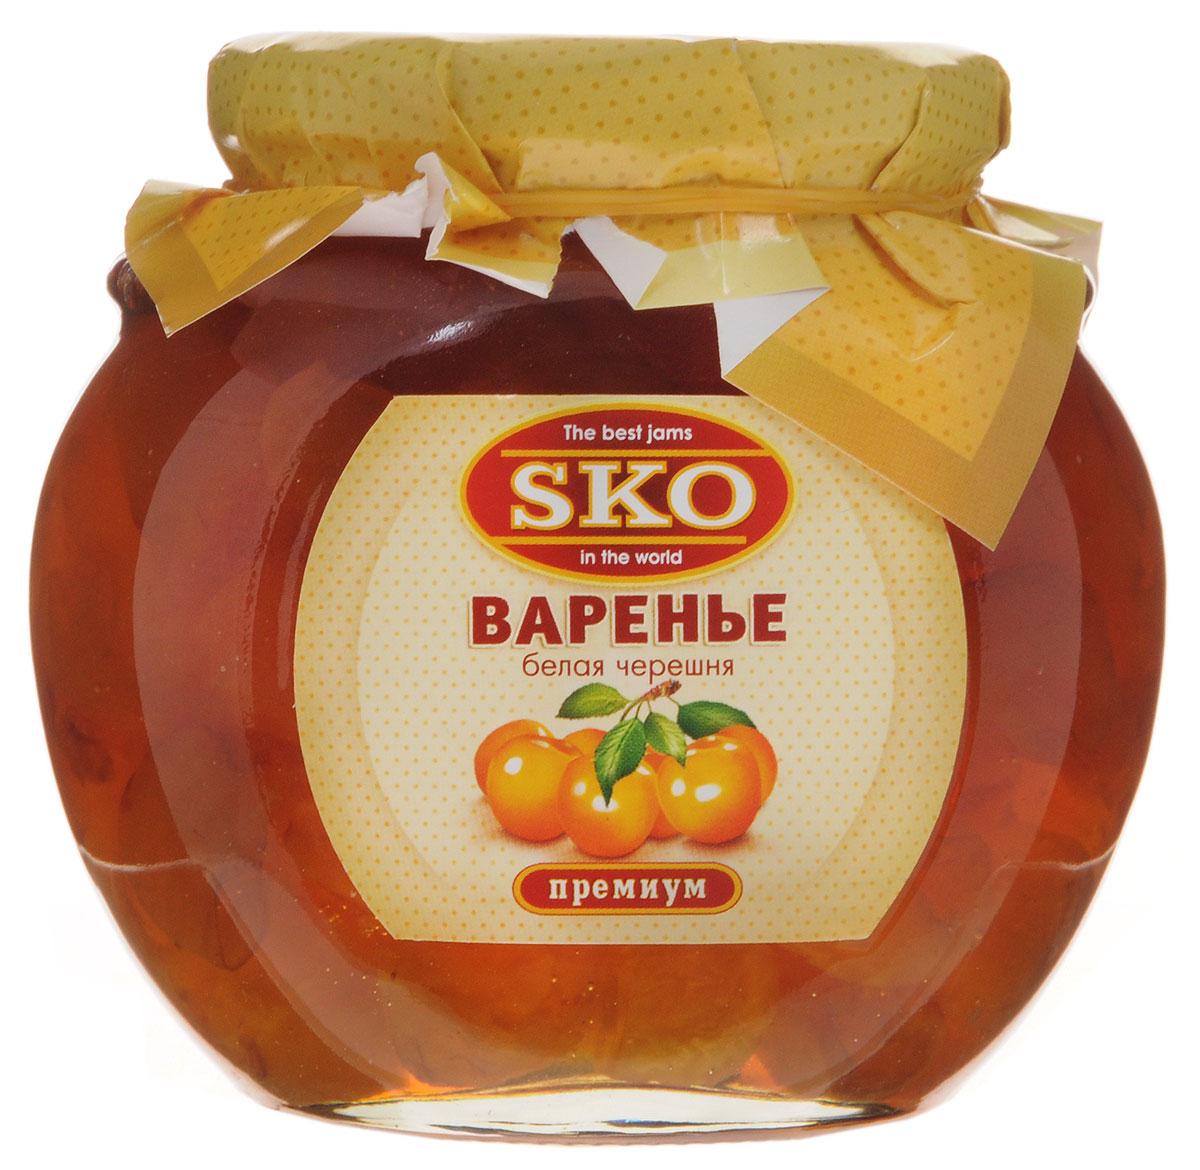 SKO варенье из белой черешни, 400 г11003Варенье из белой черешни SKO - армянское варенье, приготовленное по домашним рецептам и современным технологиям, не содержит пектина. Может использоваться для приготовления пирогов, тортов и других разнообразных десертов, а также в качестве самостоятельного лакомства.Варенье из сладких и мясистых плодов белой черешни получается просто изумительным. Оно полезно при гипертонических болезнях, болезнях почек и печени, ревматизме, артрите, подагре, малокровии, атонии кишечника, запорах и других заболеваниях желудочно-кишечного тракта, язве желудка и двенадцатиперстной кишки, гастрите с повышенной кислотностью, расстройствах нервной системы.